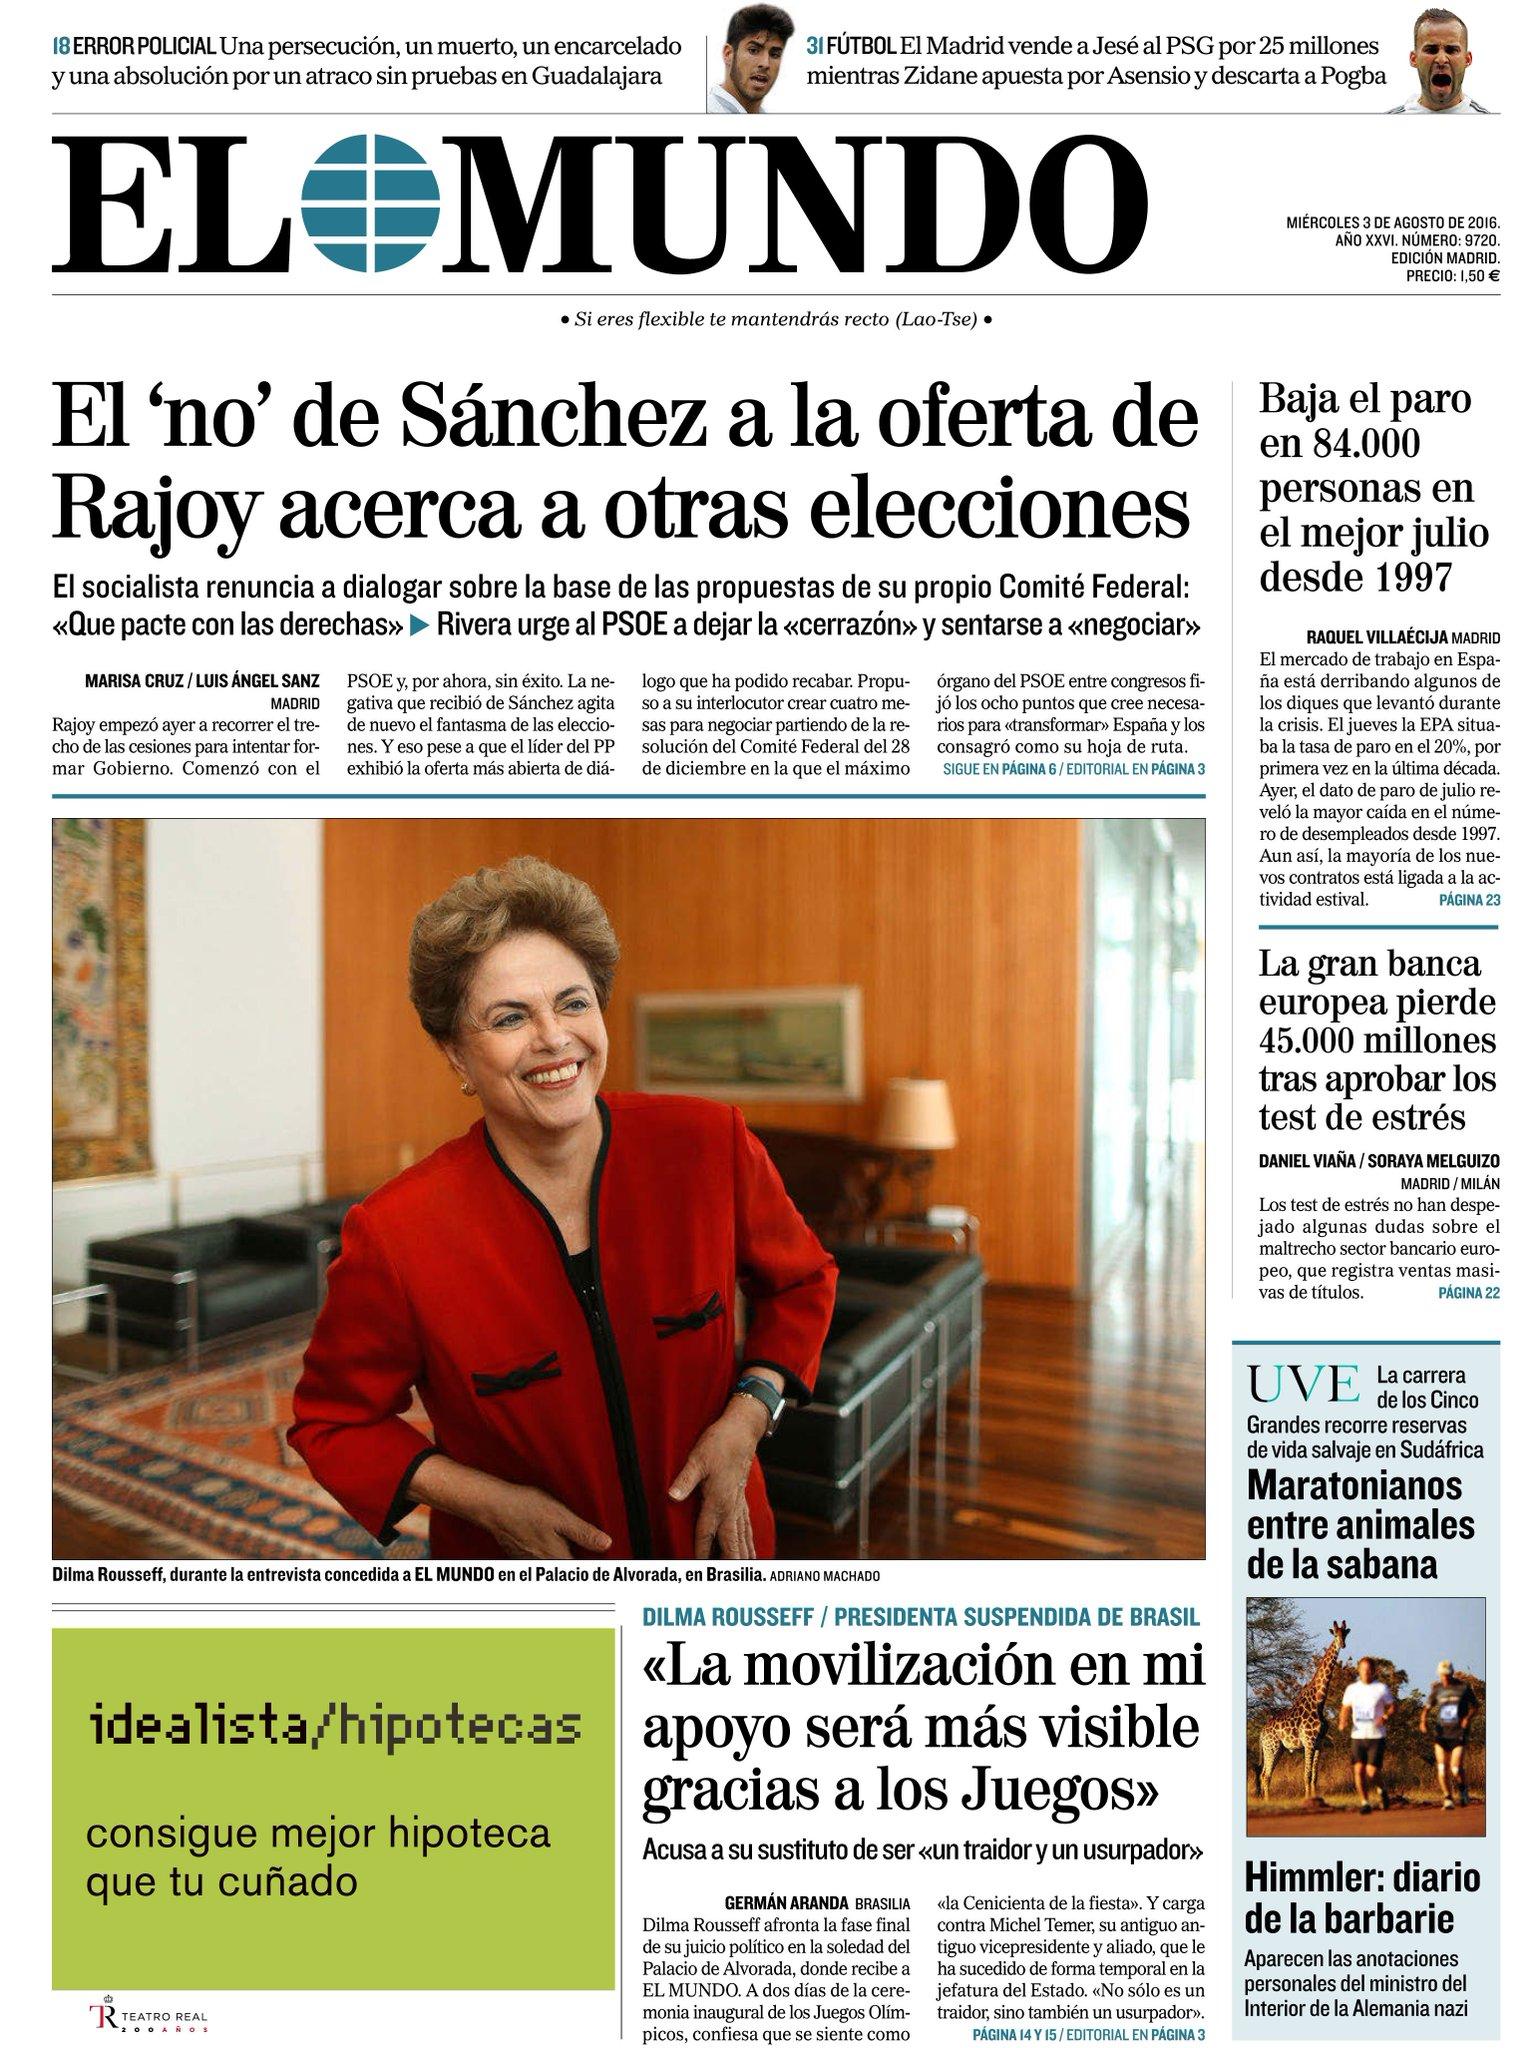 #LaPortada de nuestra edición impresa, con entrevista a Dilma Rousseff, y del suplemento UVE #FelizMiércoles https://t.co/zYFZtJbUap